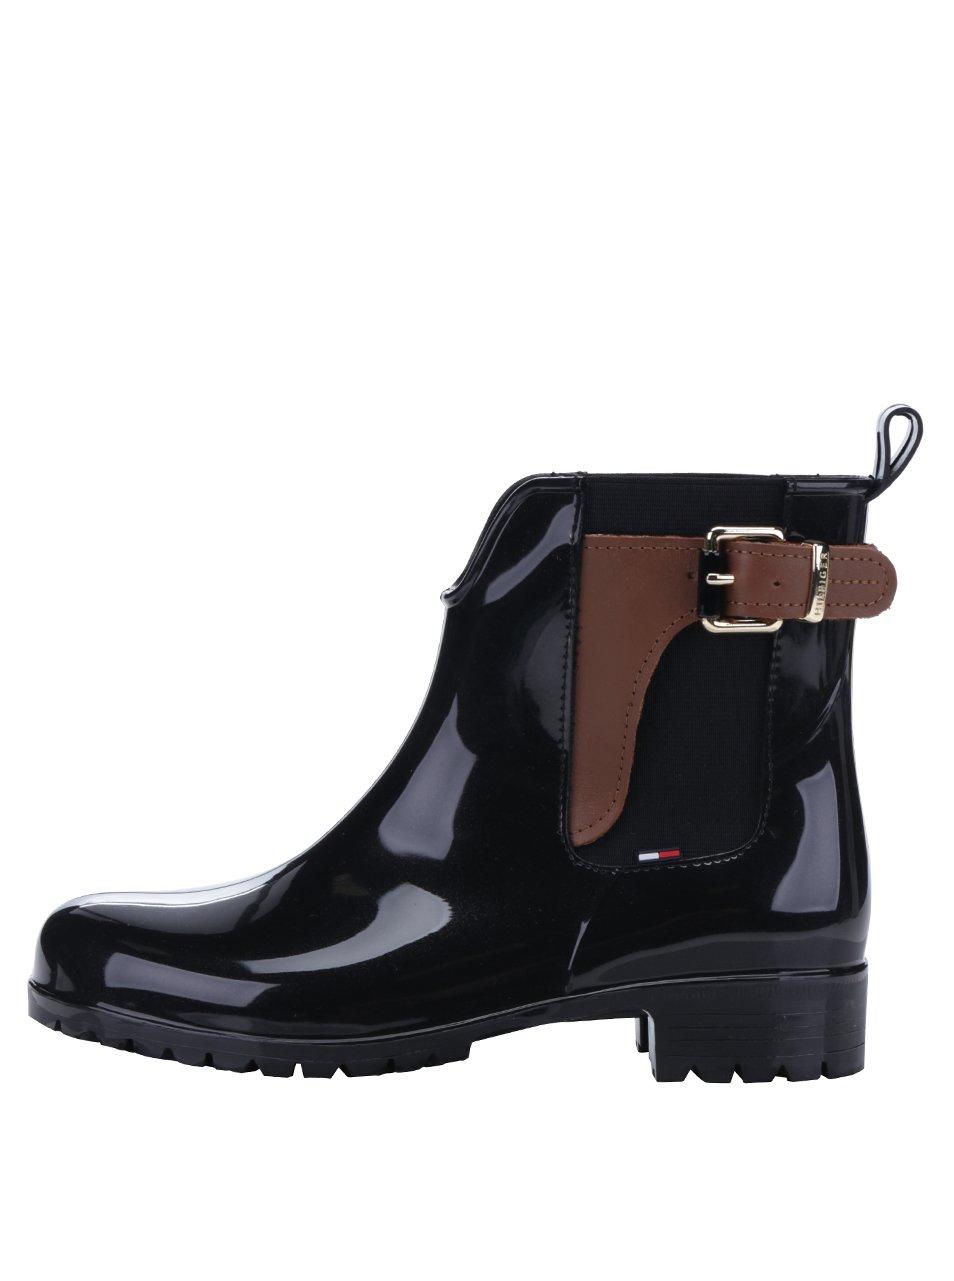 Černé dámské gumové chelsea boty s koženými detaily Tommy Hilfiger Oxley